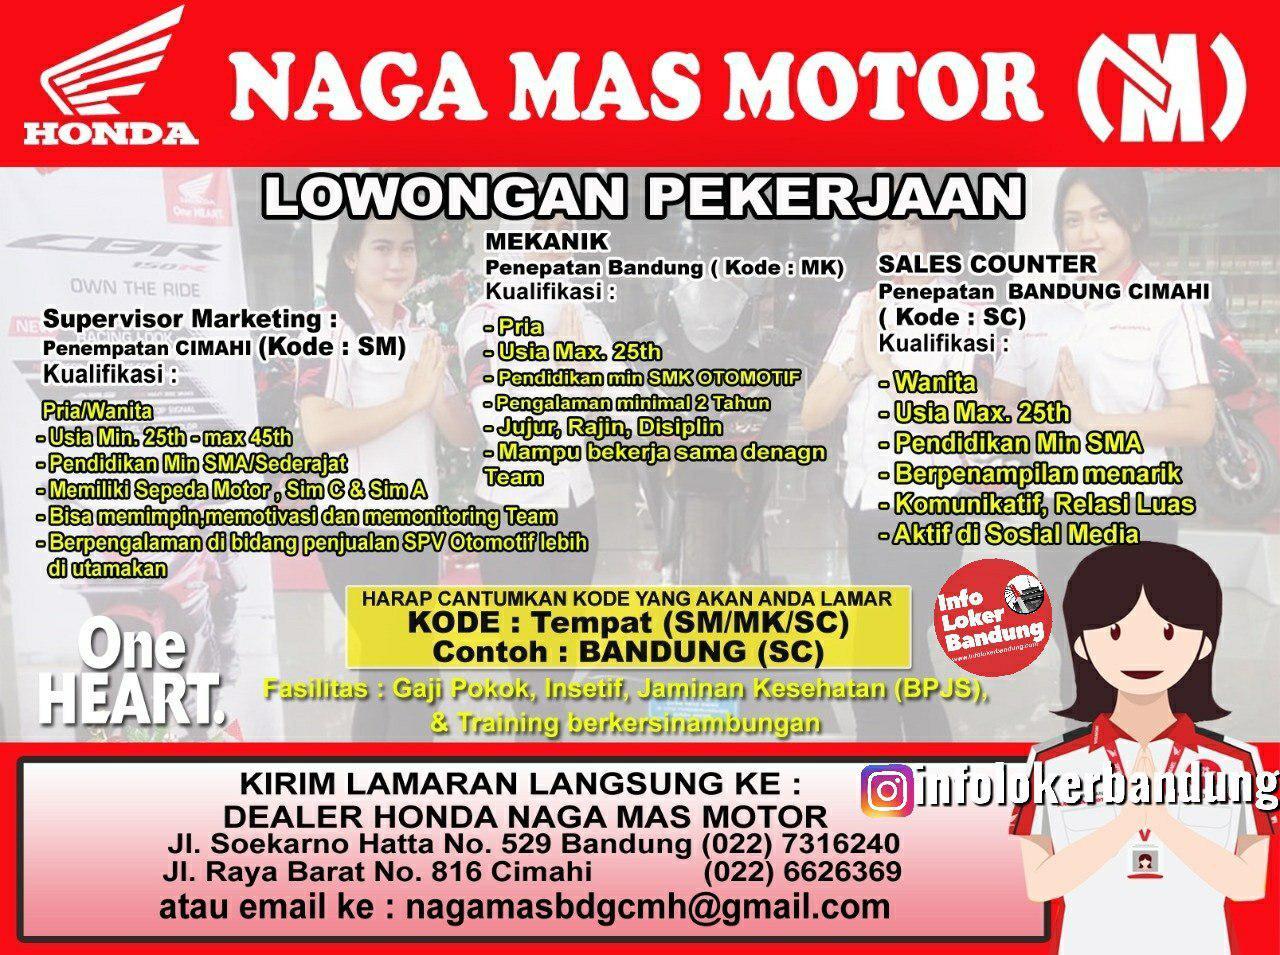 Lowongan Kerja Naga Mas Motor Bandung Desember 2019